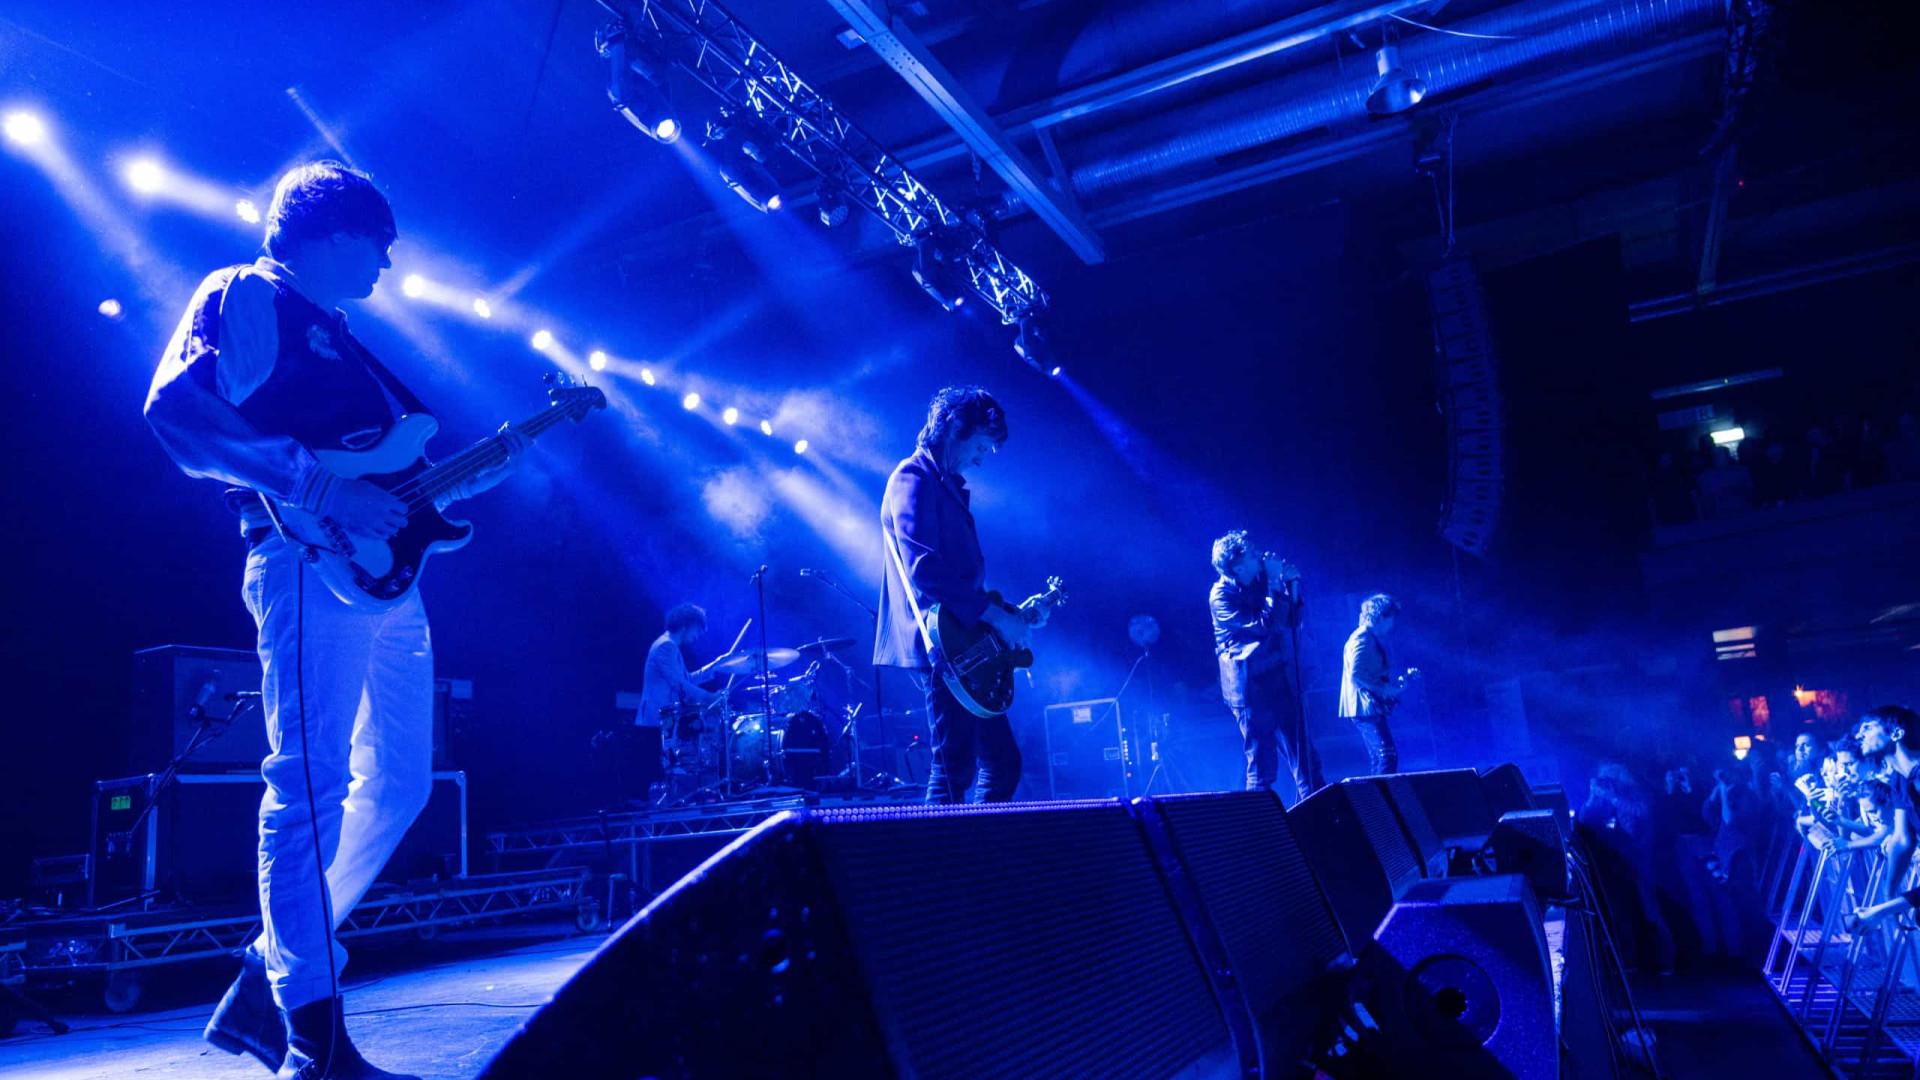 Guitarrista dos Strokes diz que disco fez banda se sentir 'inocente'